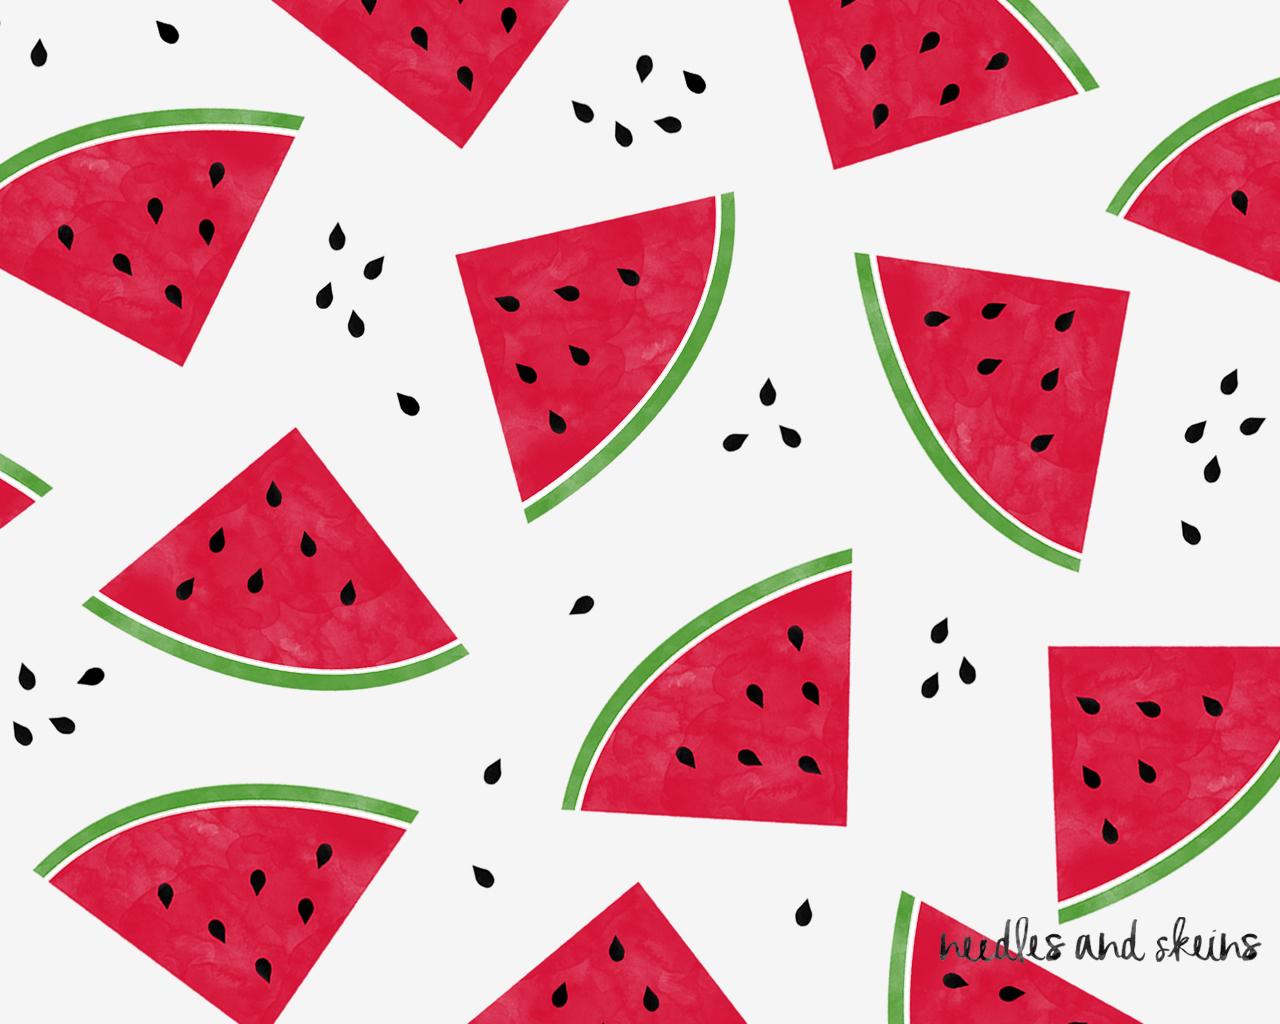 watermelon for smartphone white